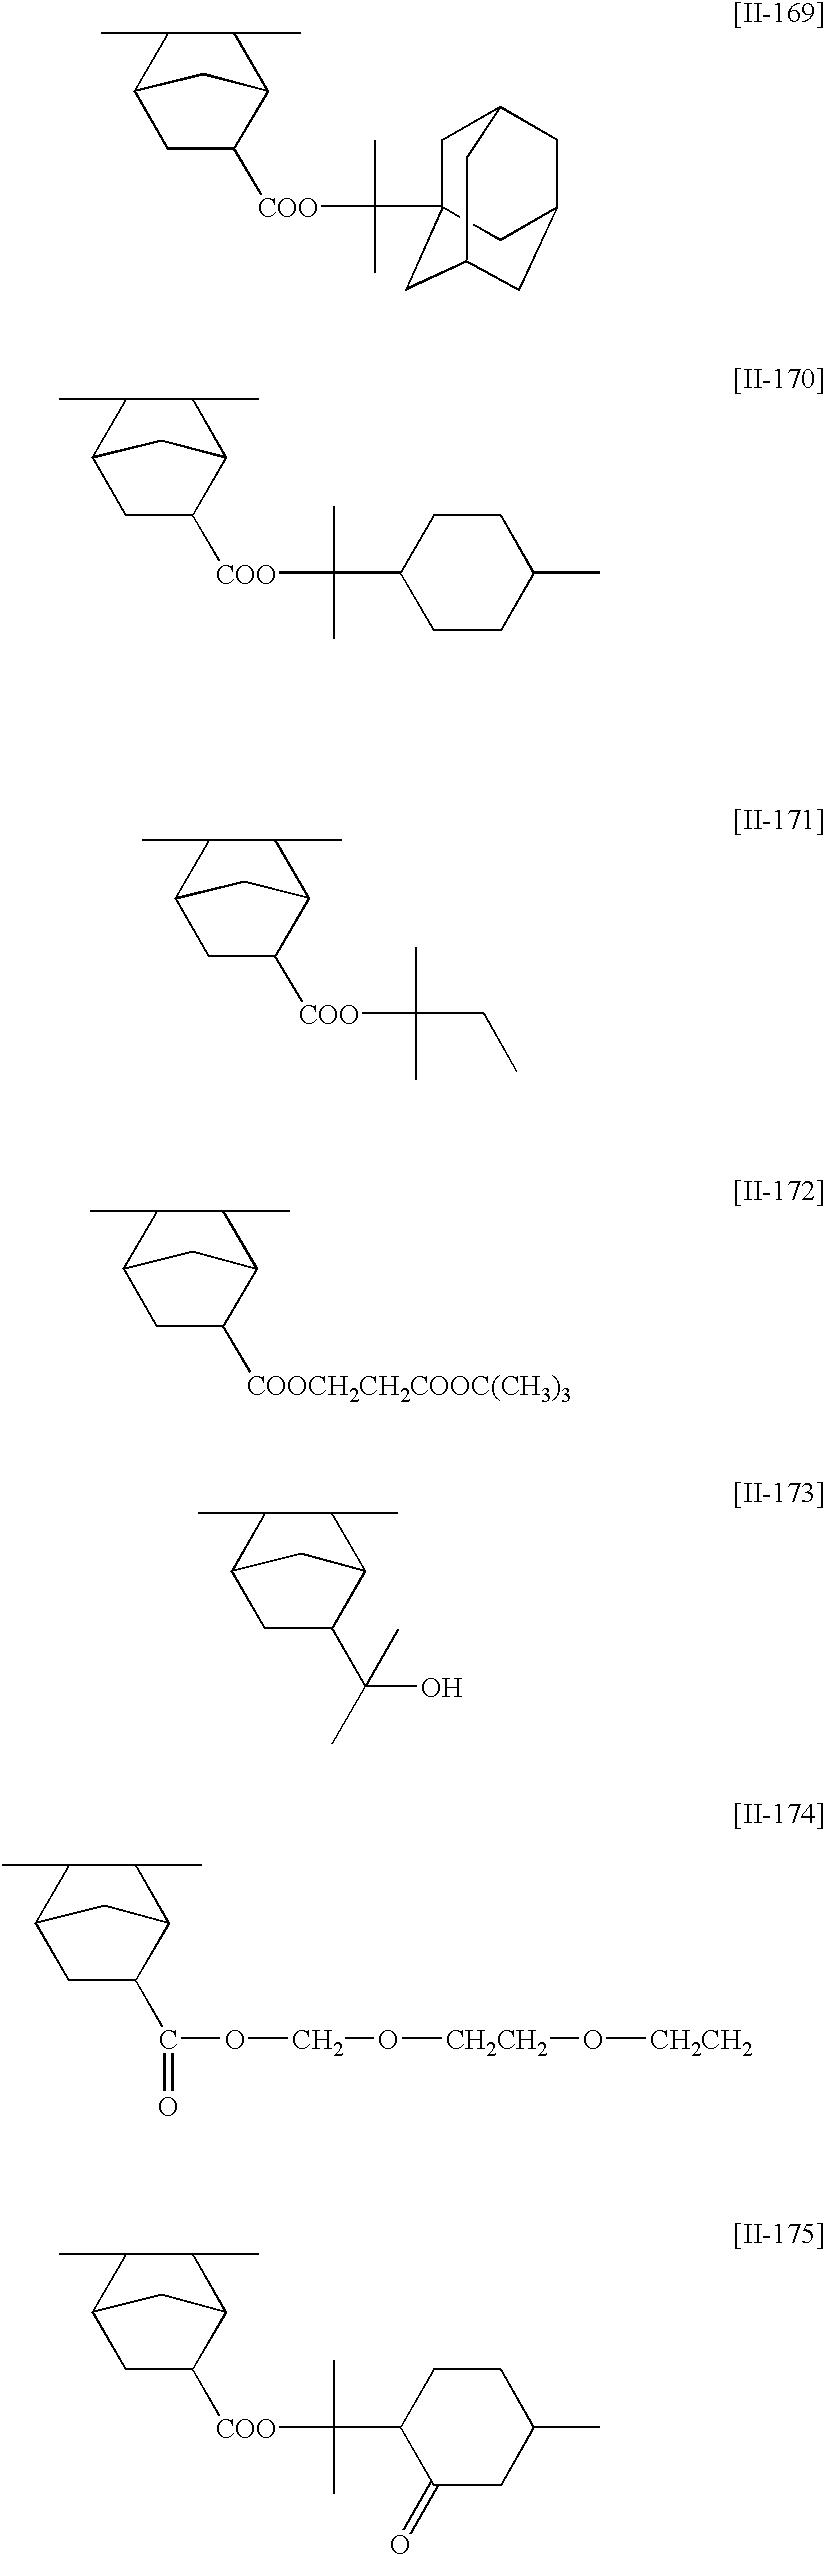 Figure US20030186161A1-20031002-C00088